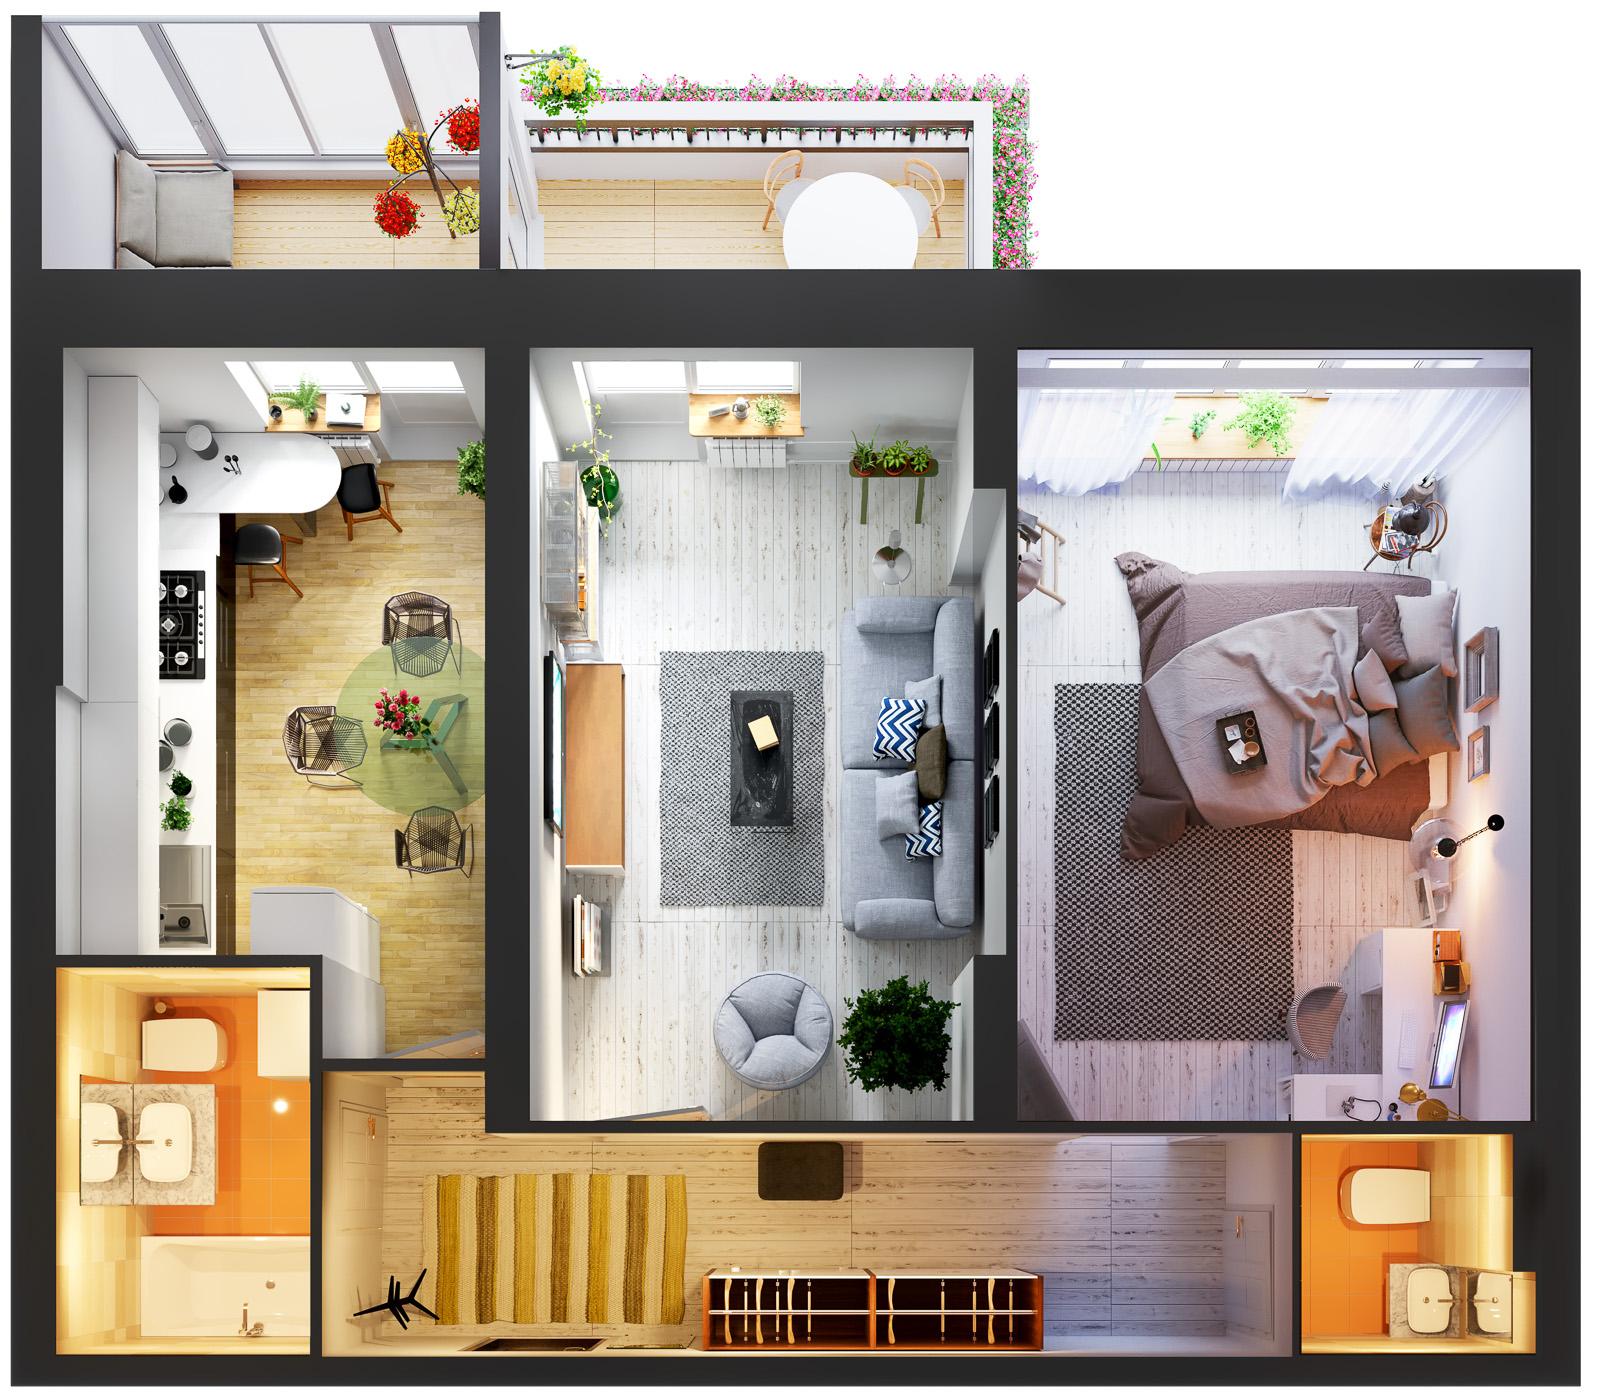 Квартира 2к, тип 1А3, 1А8